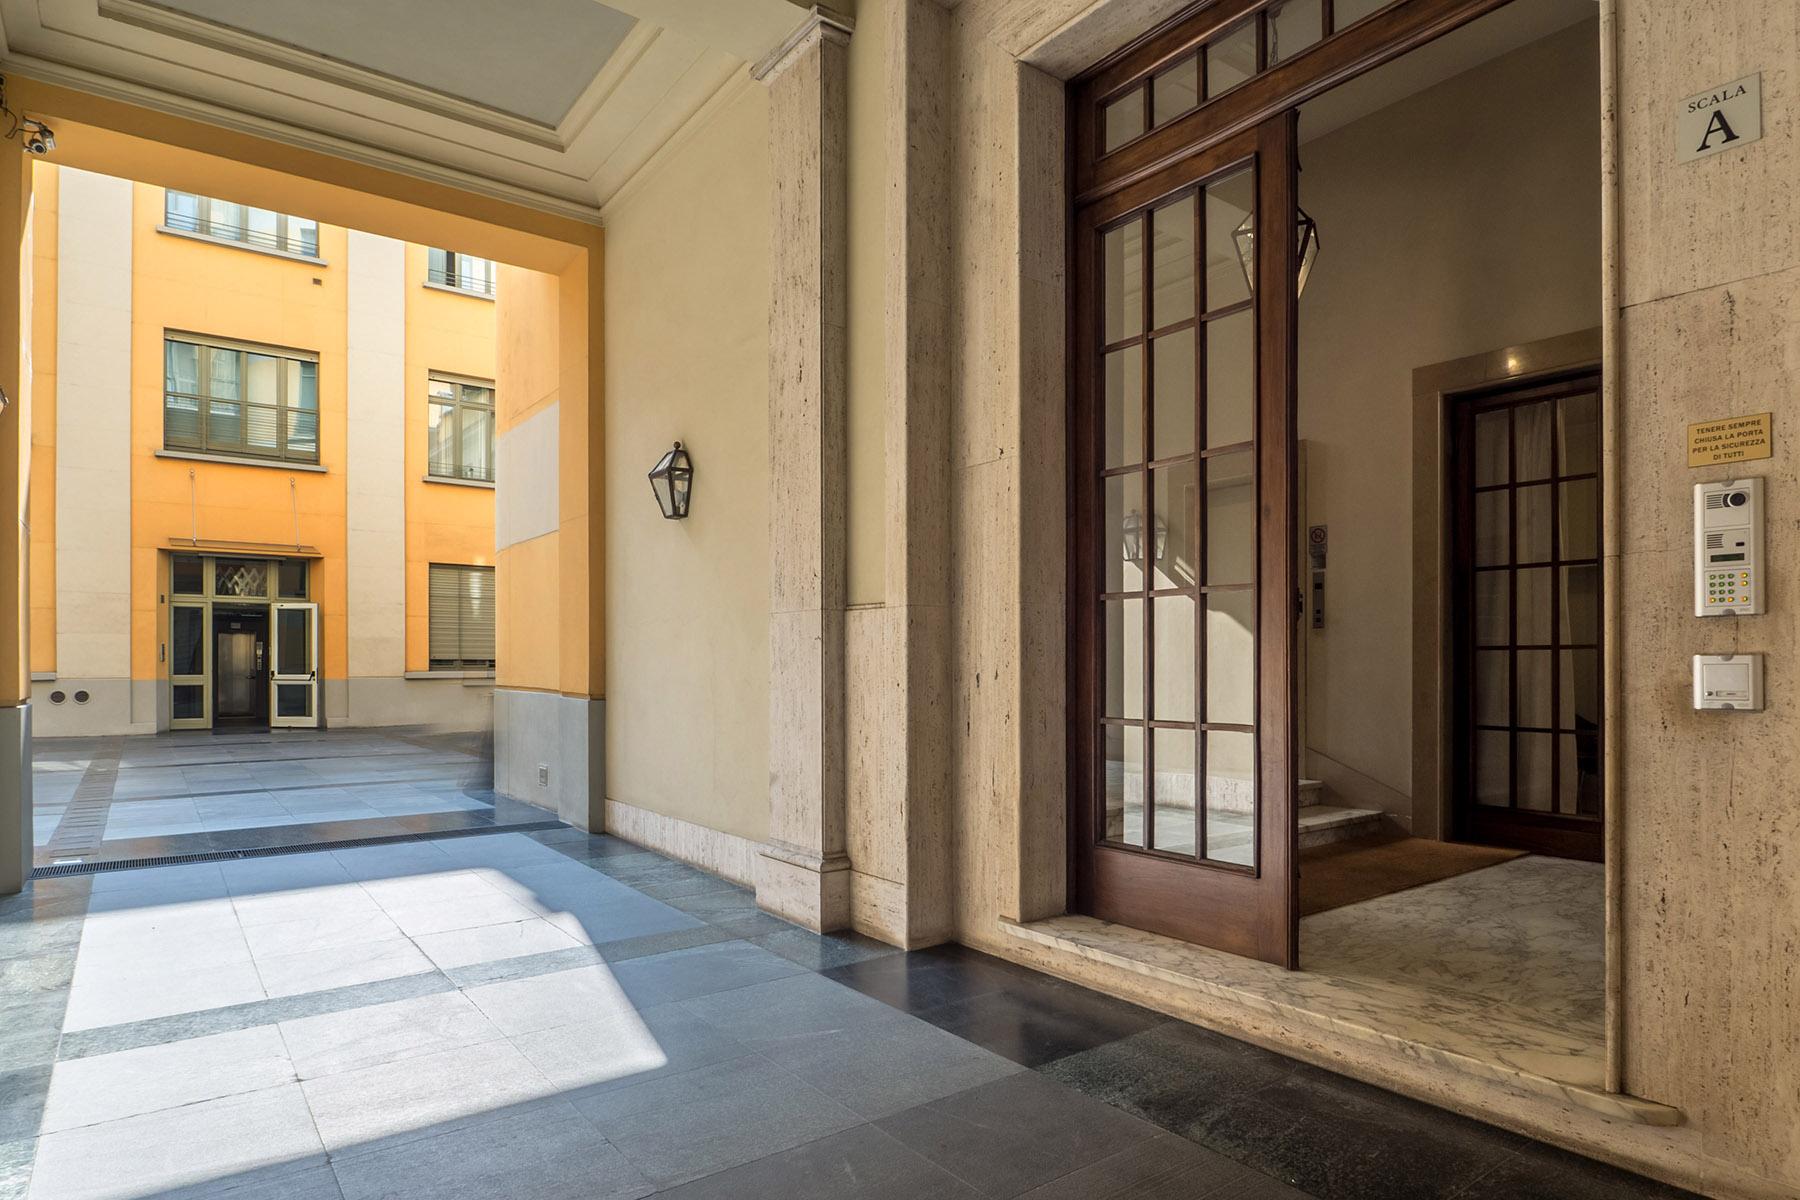 Appartamento in Vendita a Torino: 4 locali, 148 mq - Foto 20